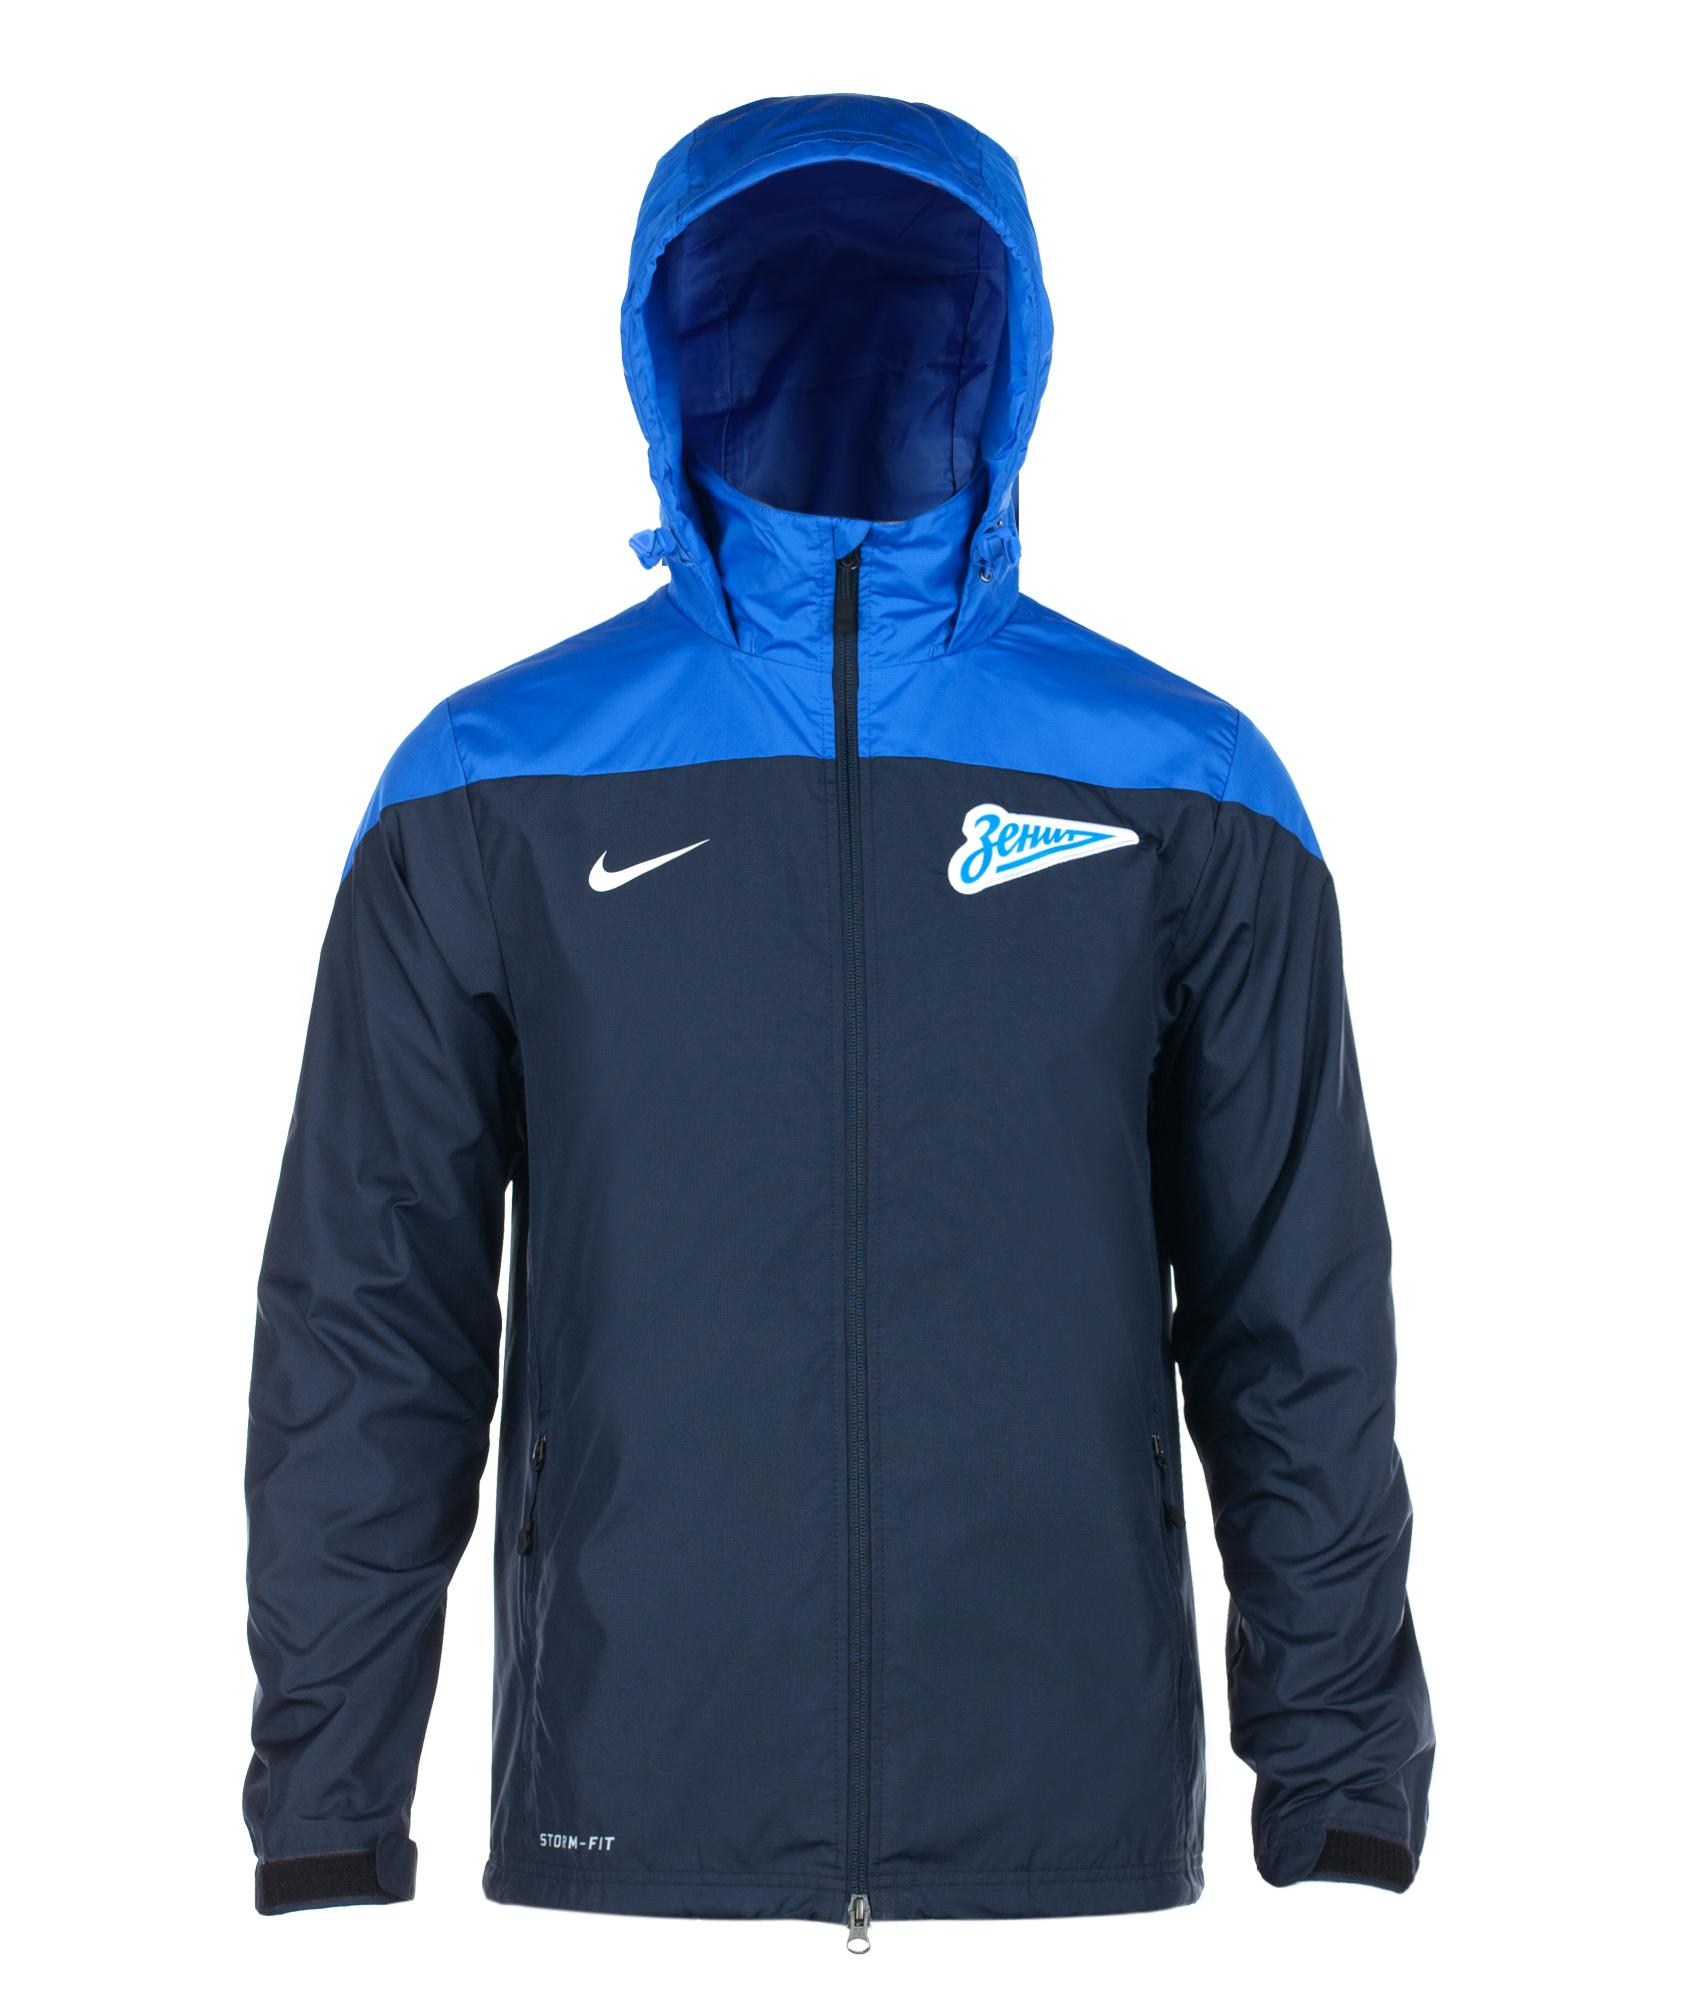 Ветровка Nike SQUAD SF1 RAIN JKT, Цвет-Синий, Размер-M